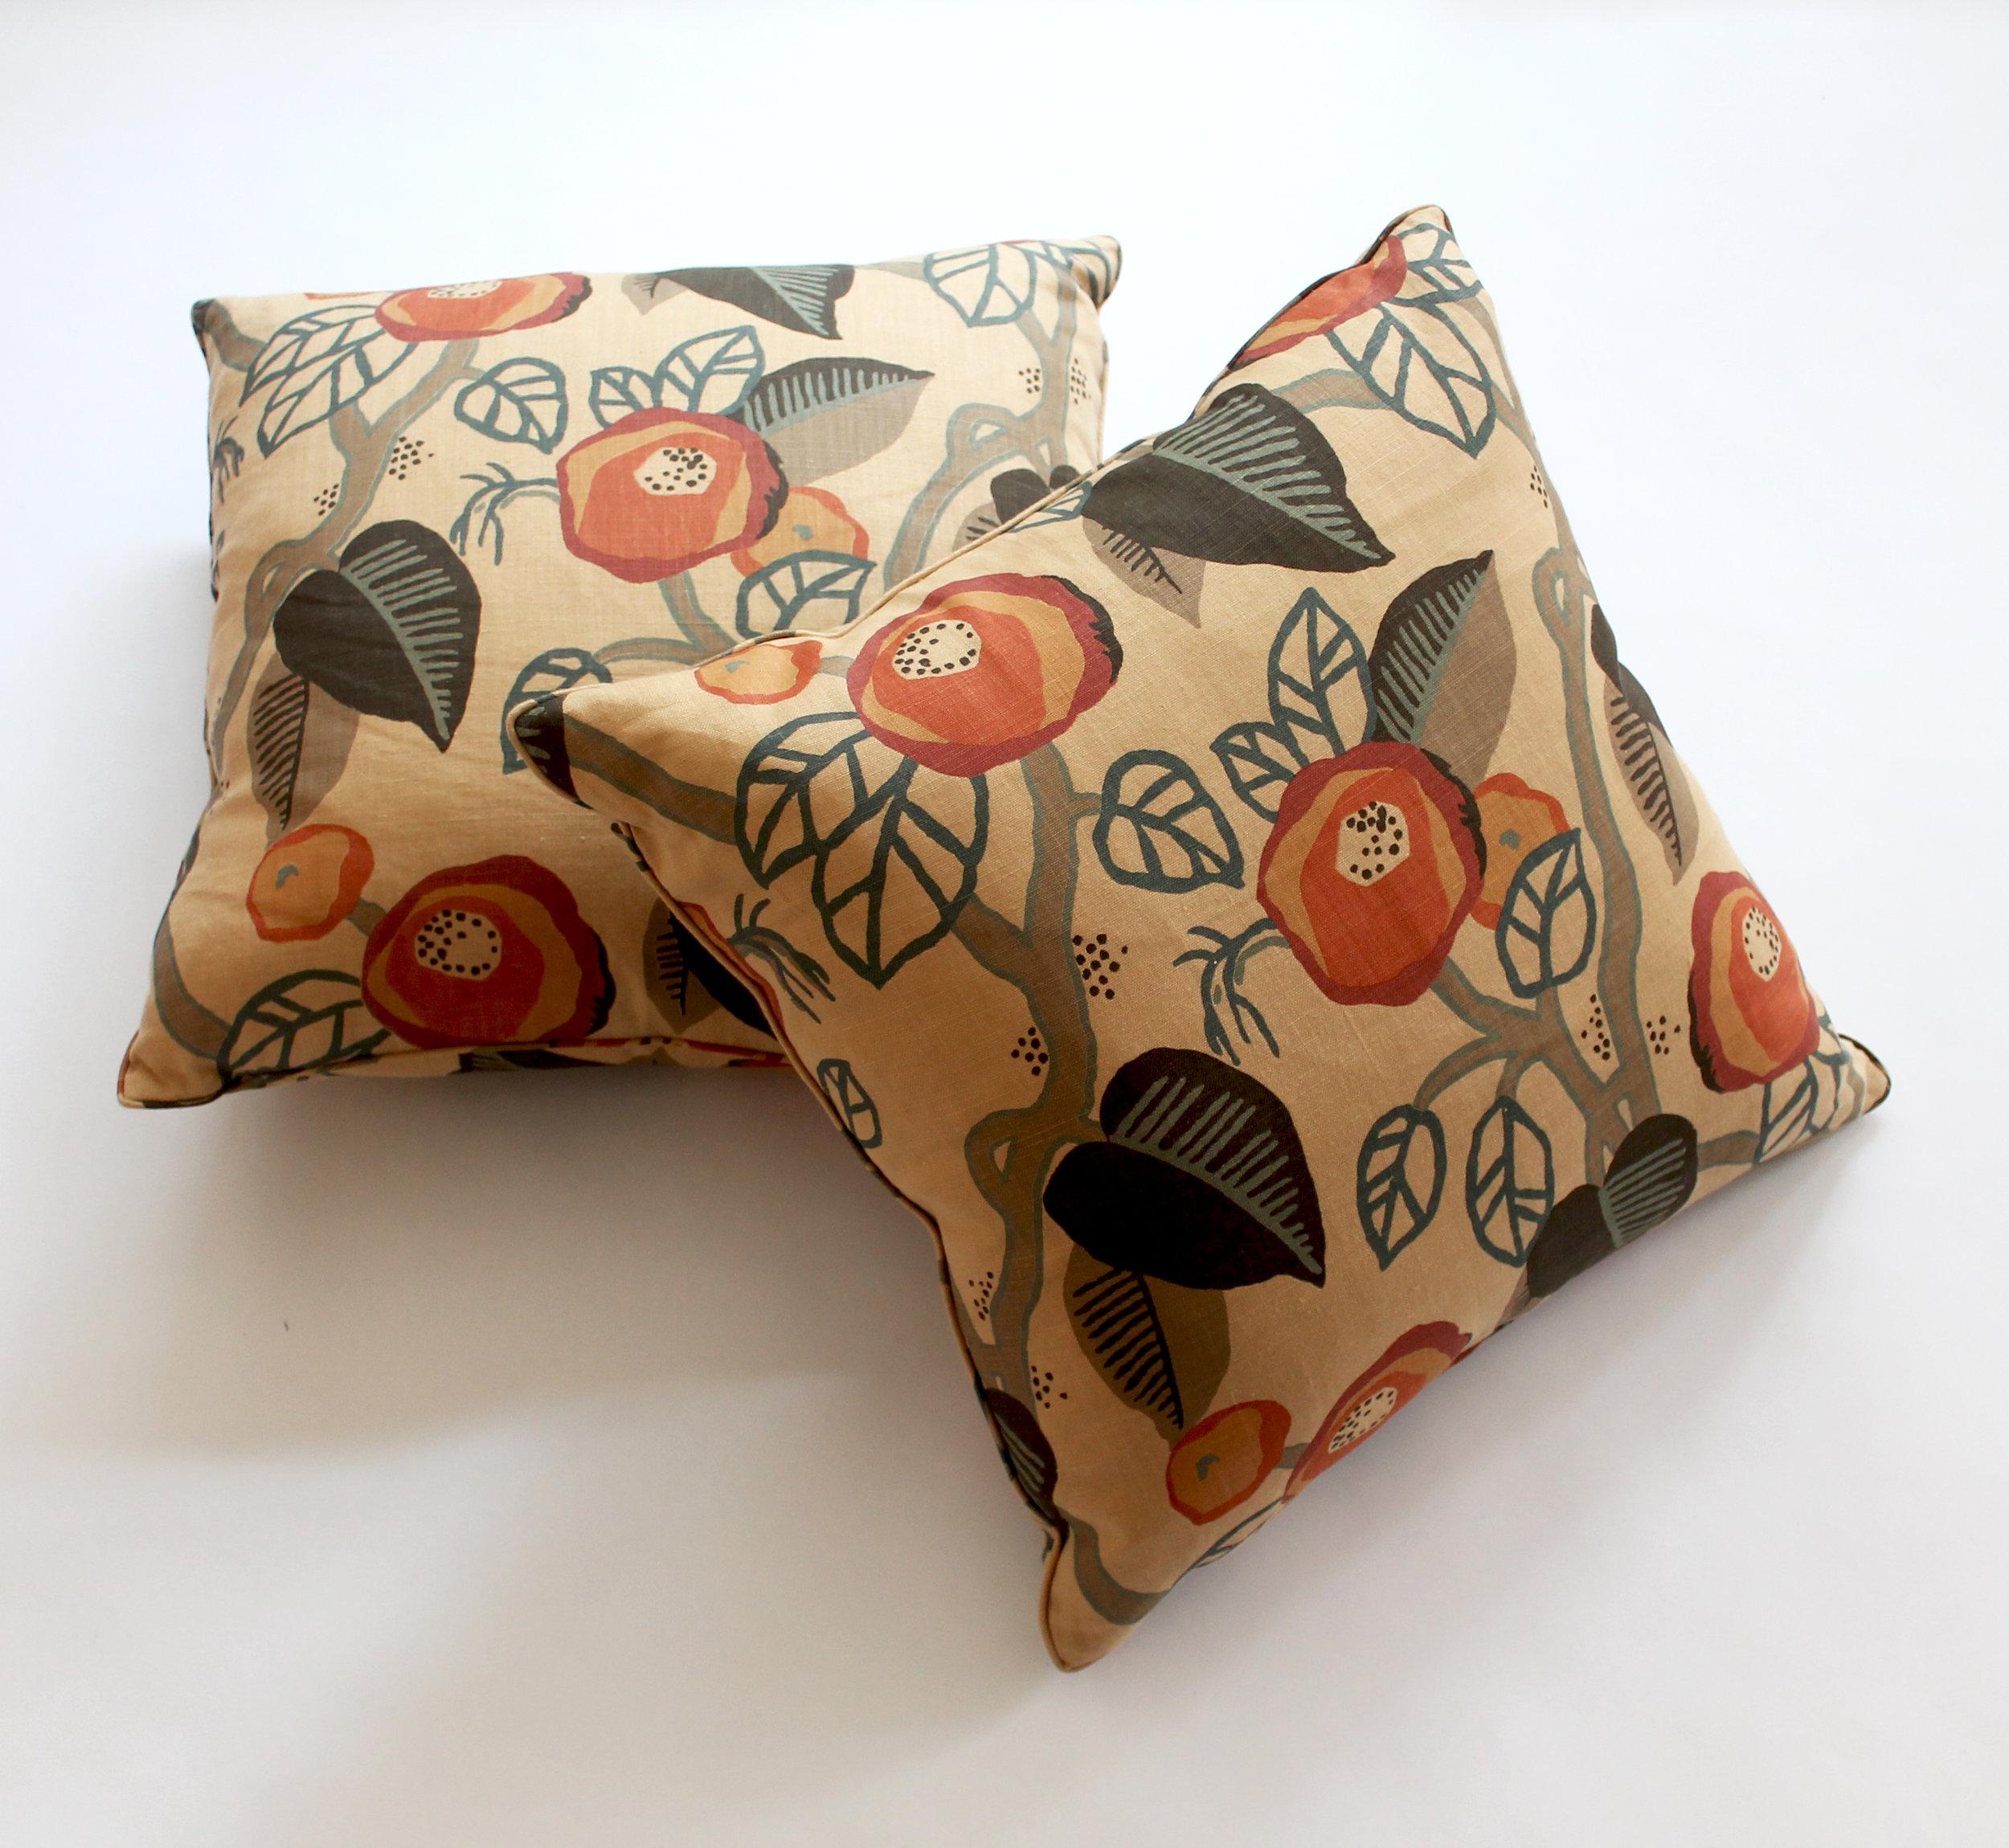 Bristol Pillows  Retail Price $750.00 (pair)